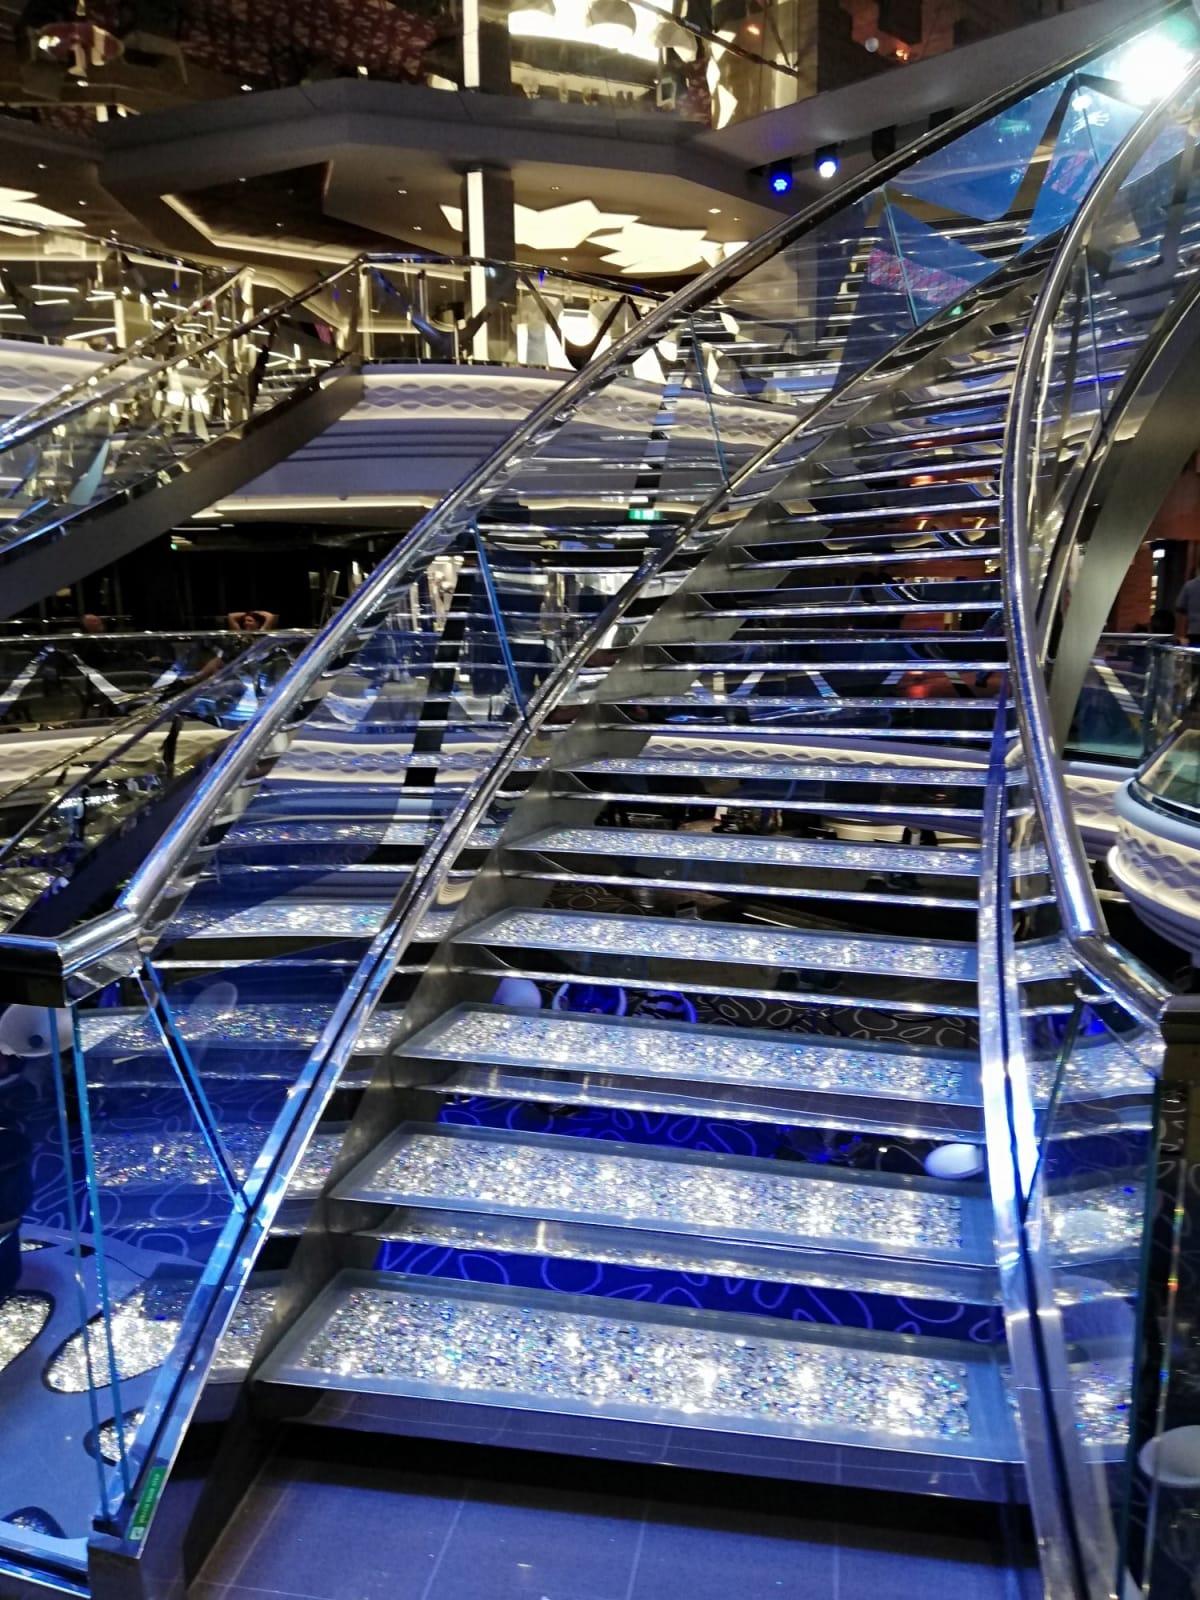 スワロフスキーの階段☆☆ここでマイカメラで写真を撮りましょう!!